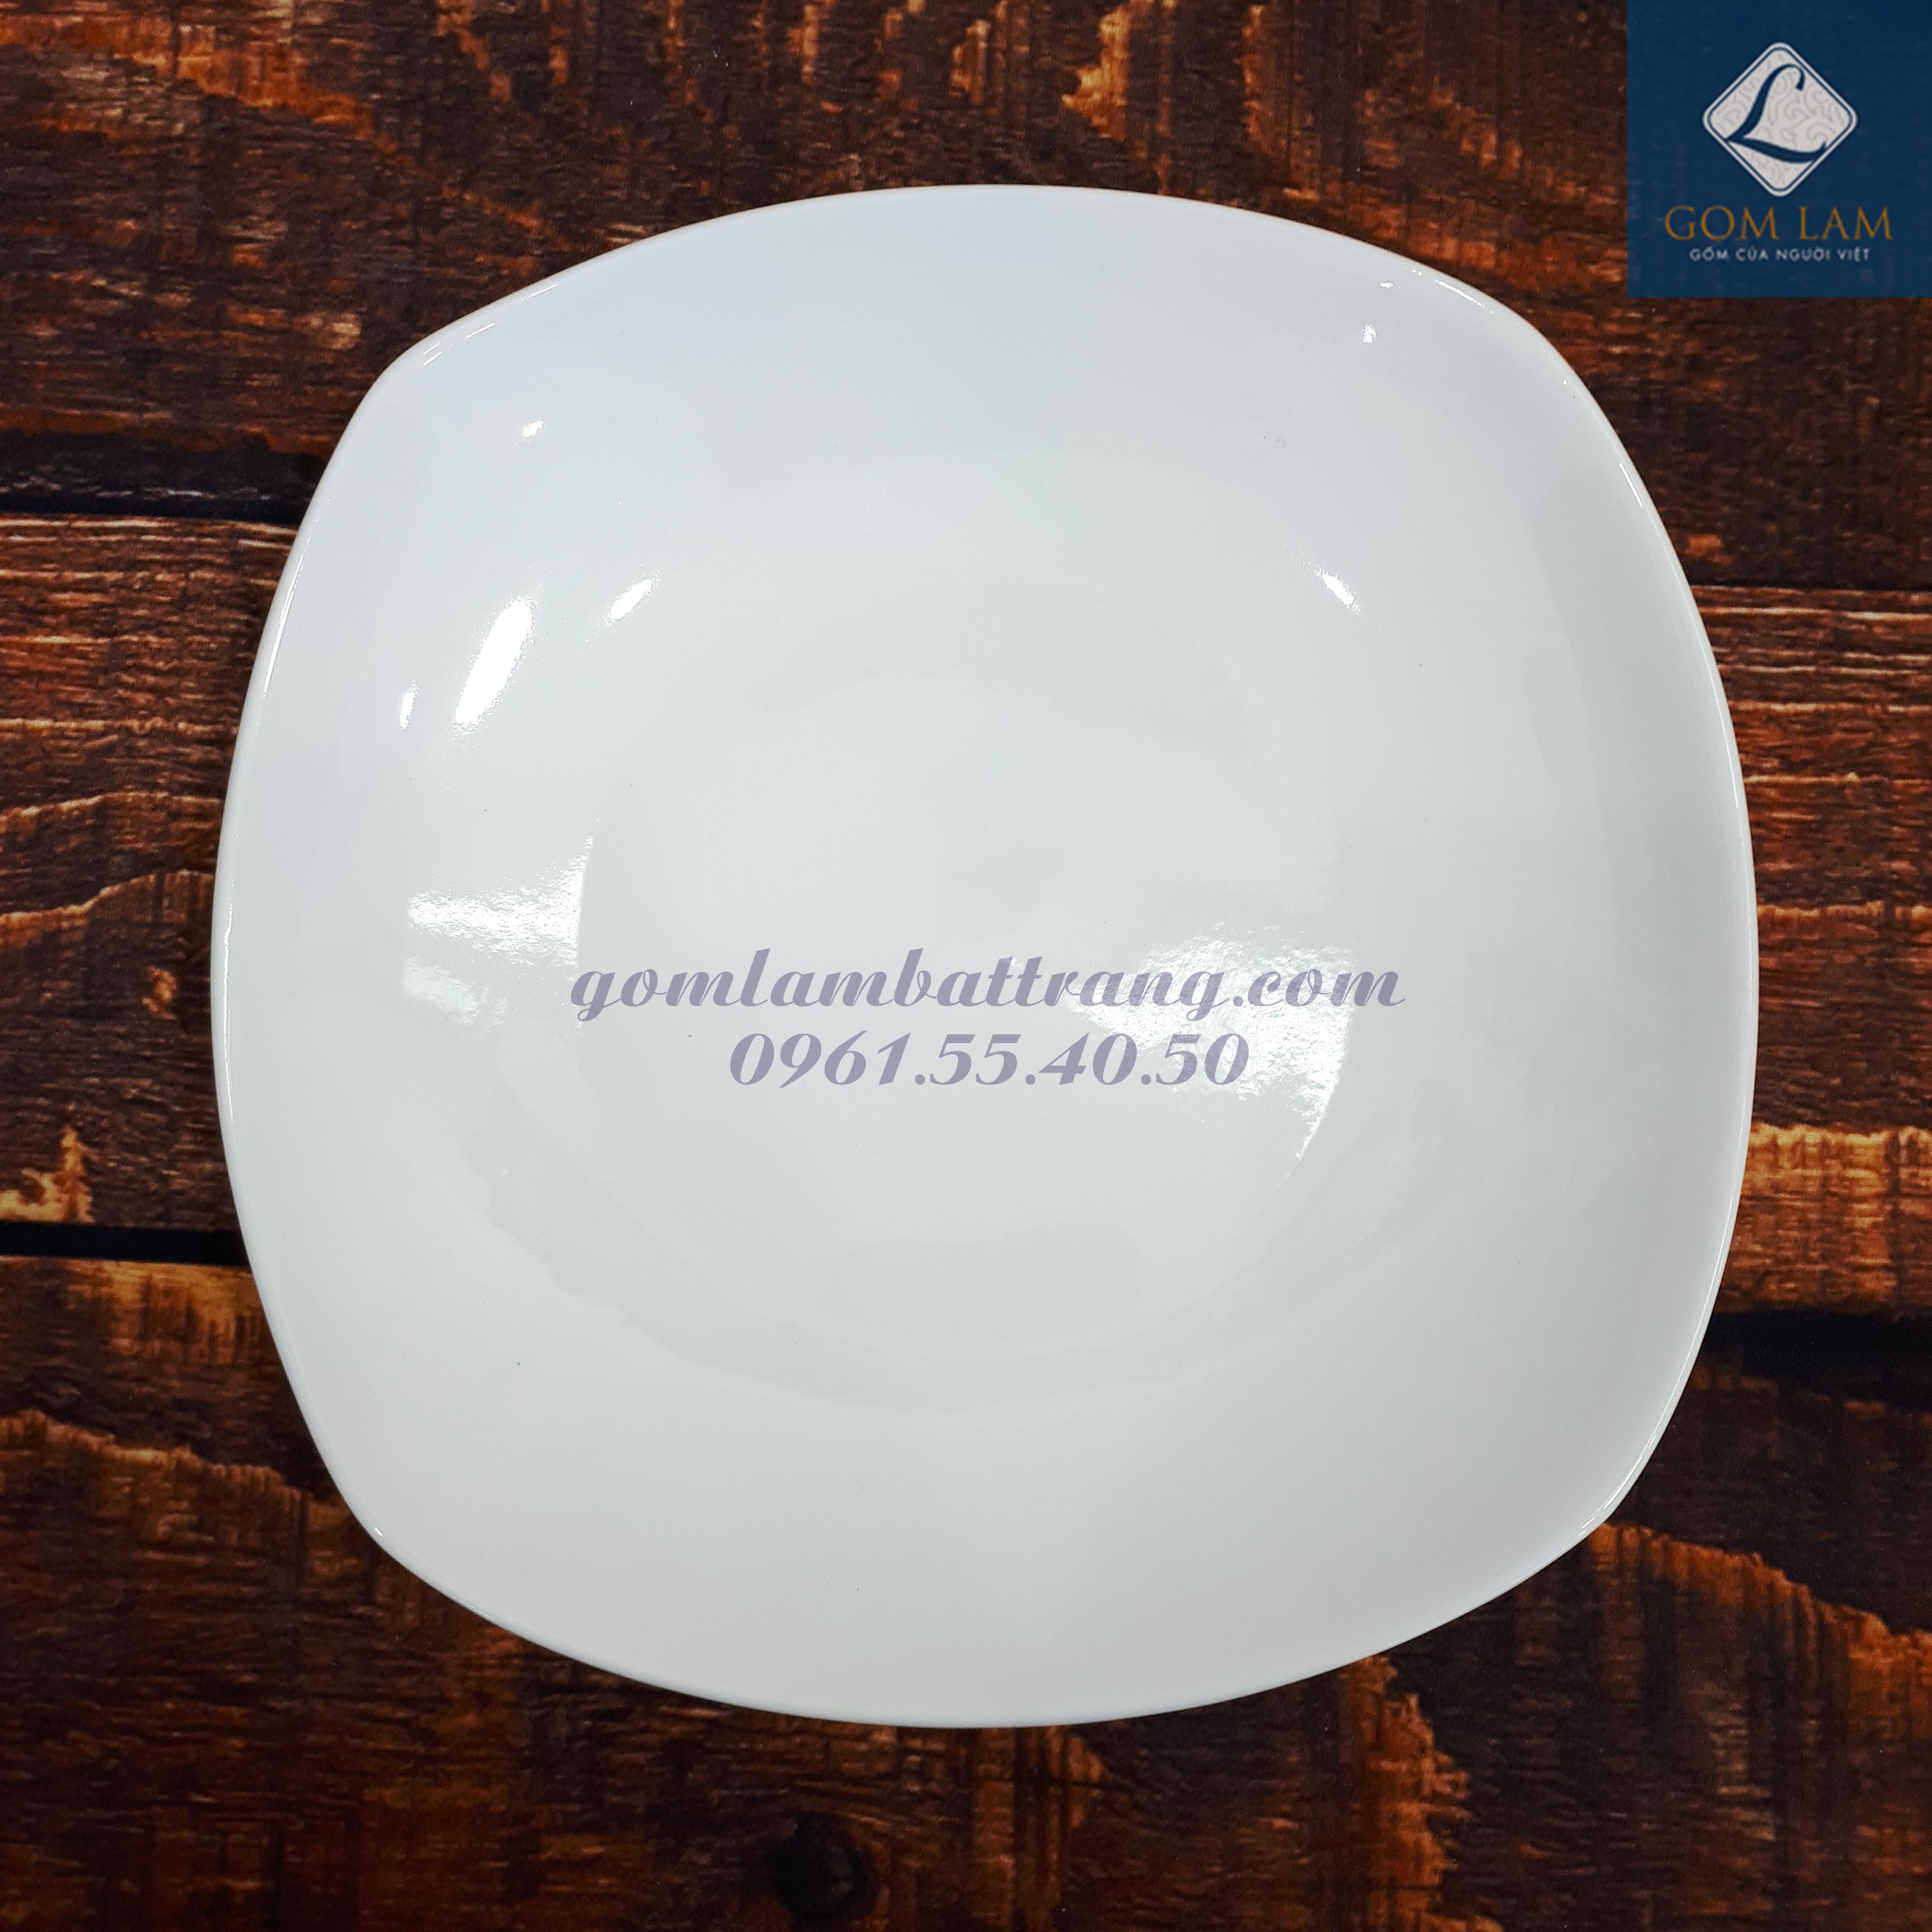 Đĩa ảo sứ trắng cao cấp 16x16